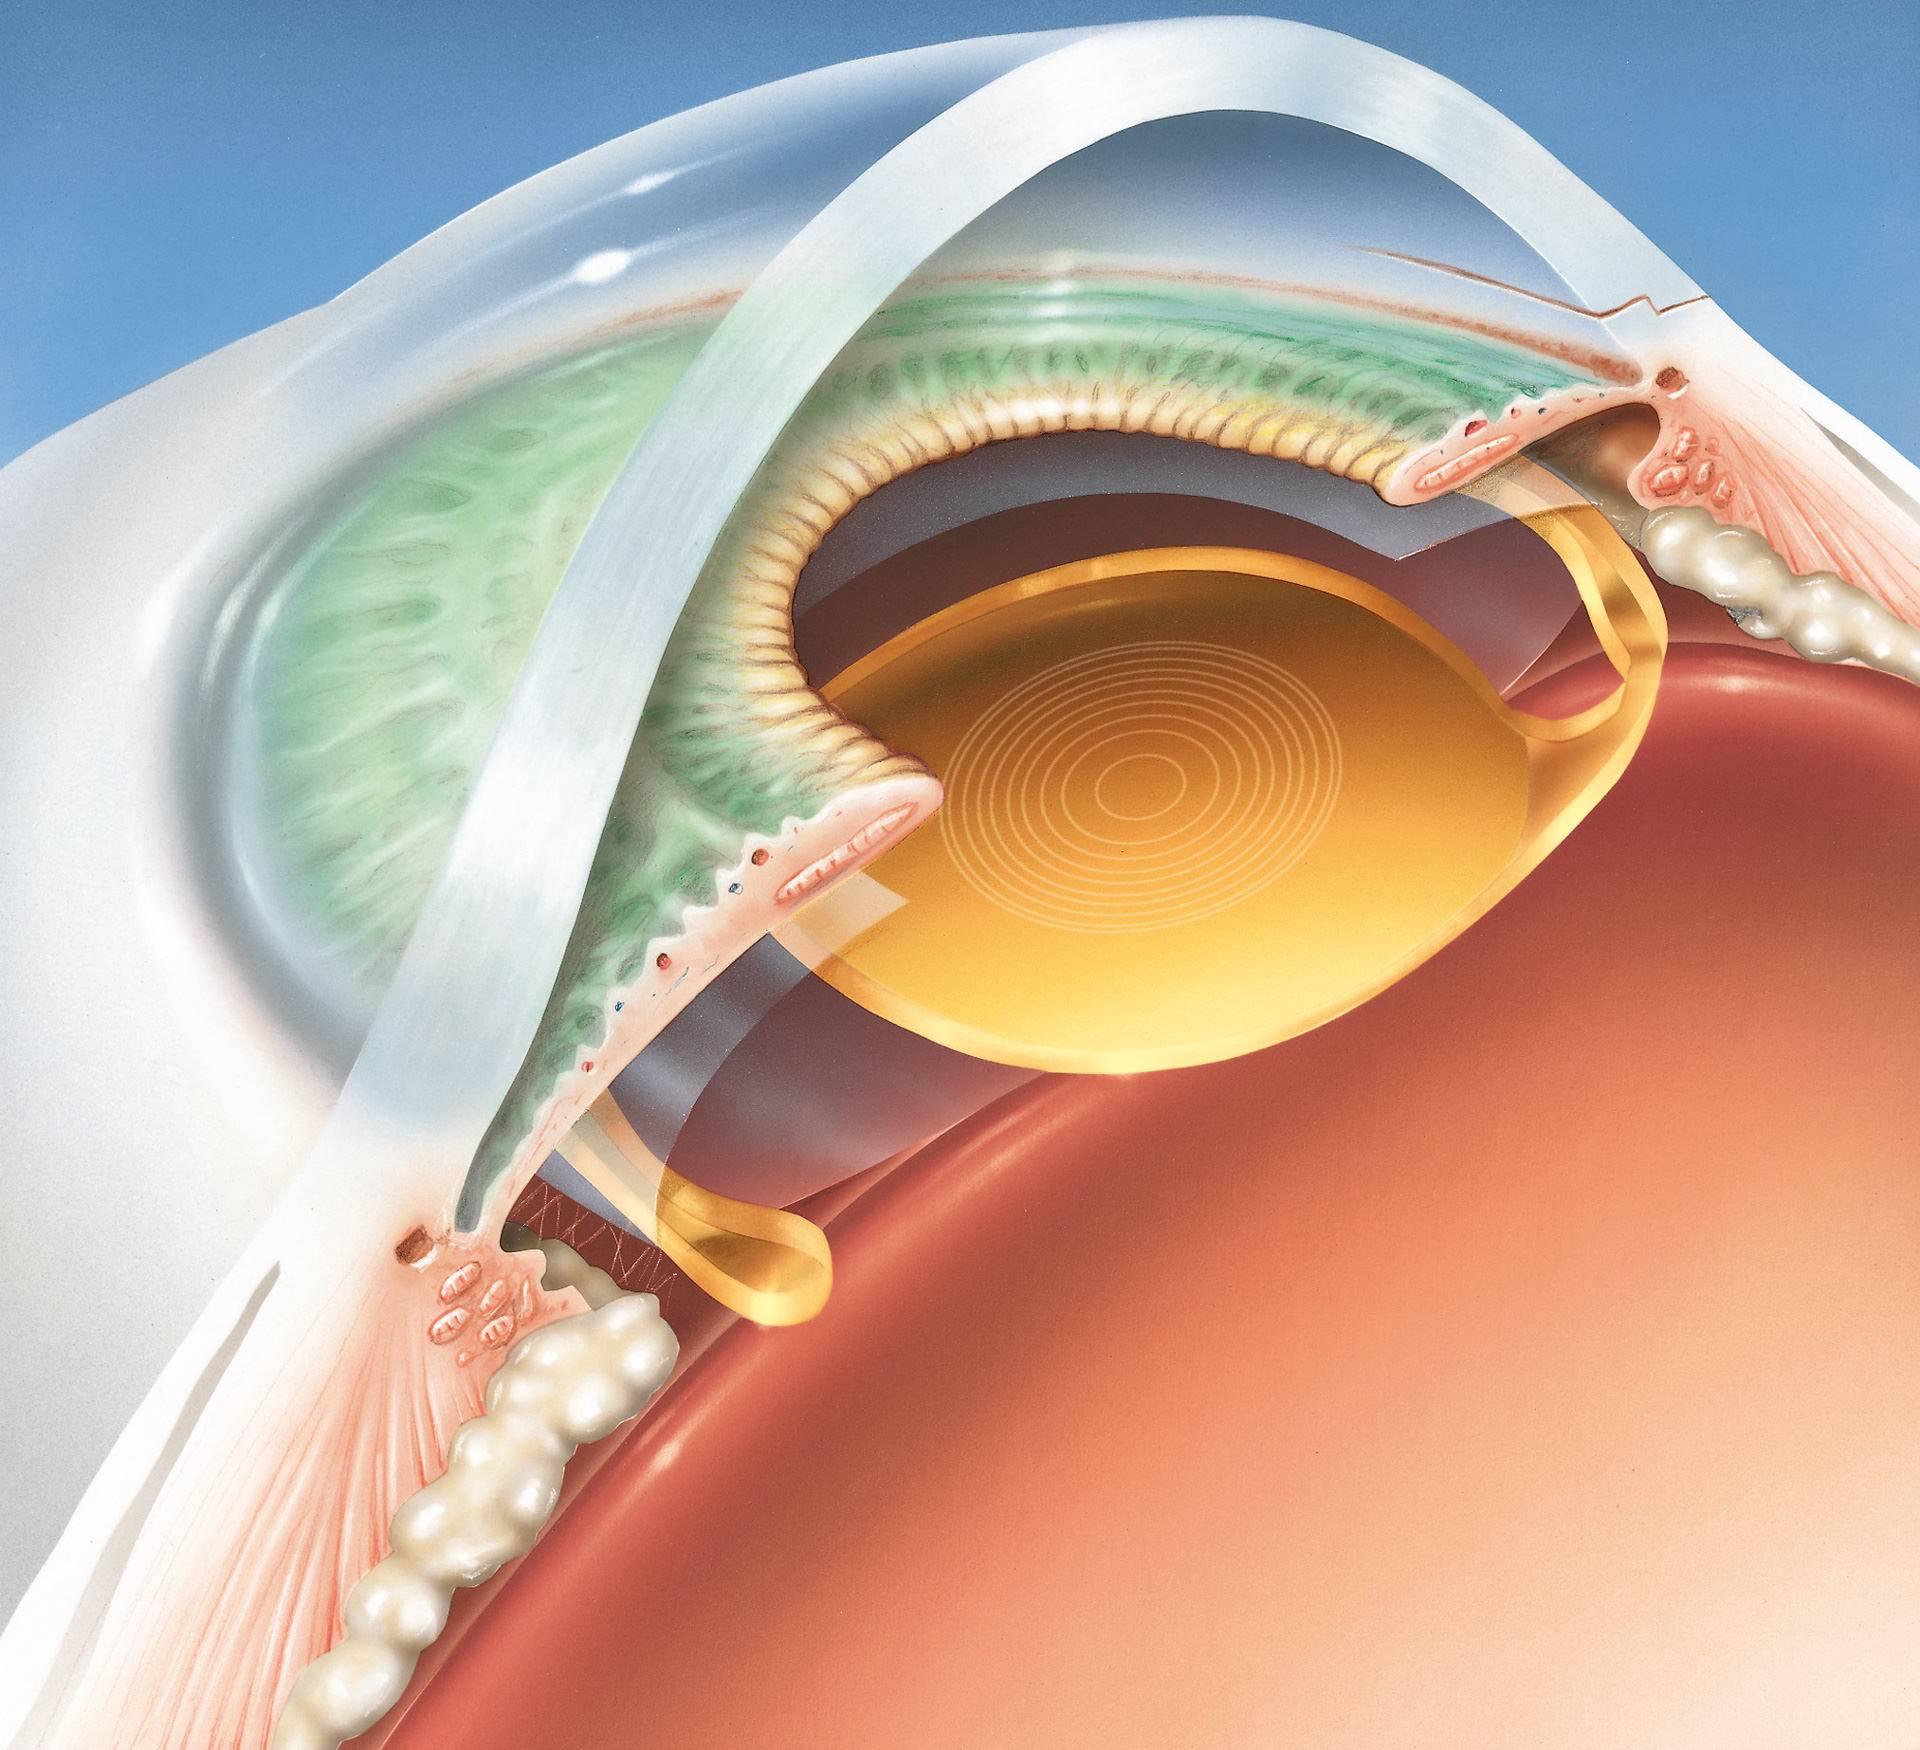 Какой хрусталик лучше выбрать при катаракте?